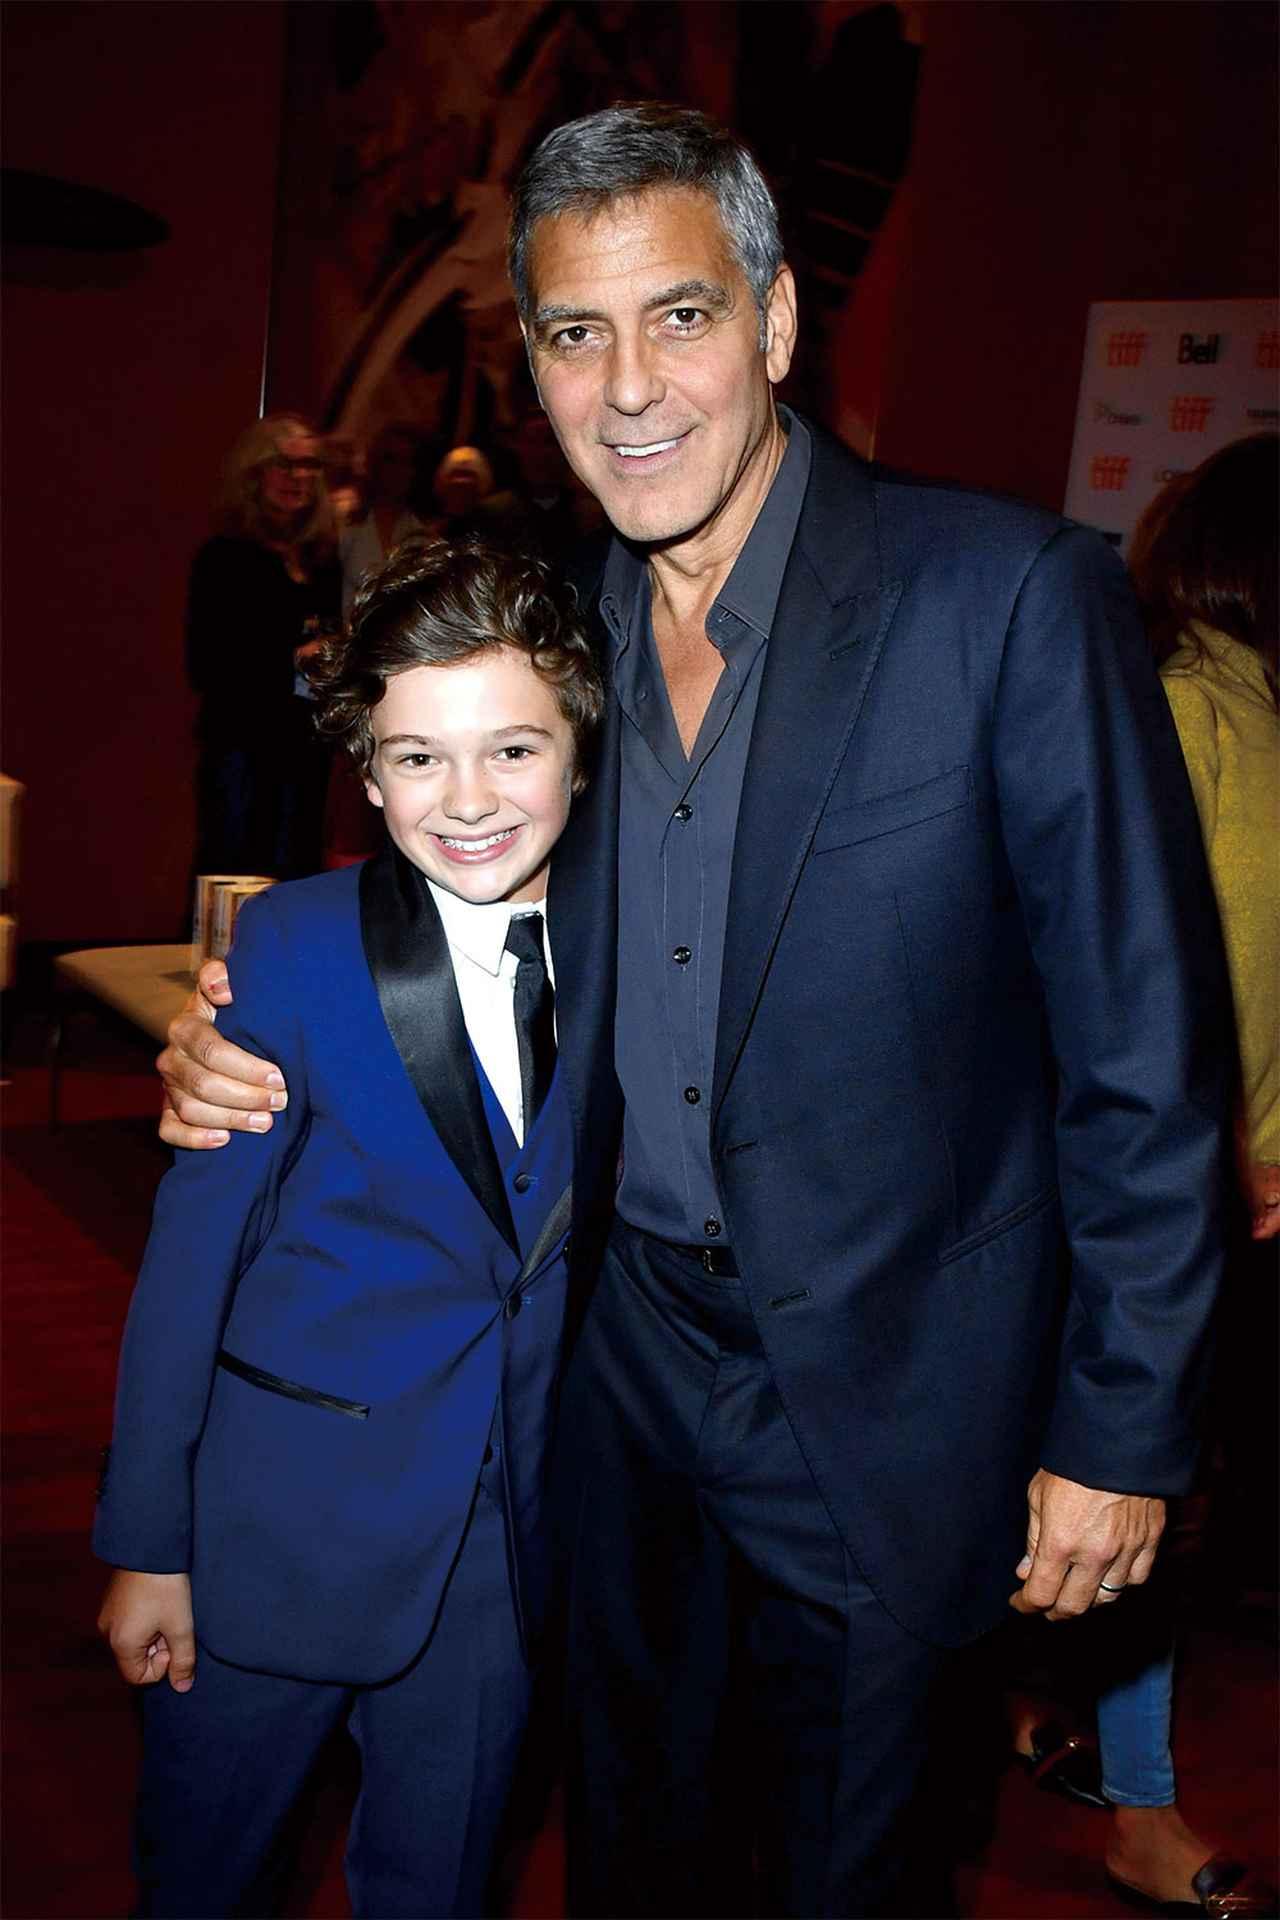 画像: 「サバービコン」で監督を務めた ジョージ・クルーニーはノアの演技を大絶賛!